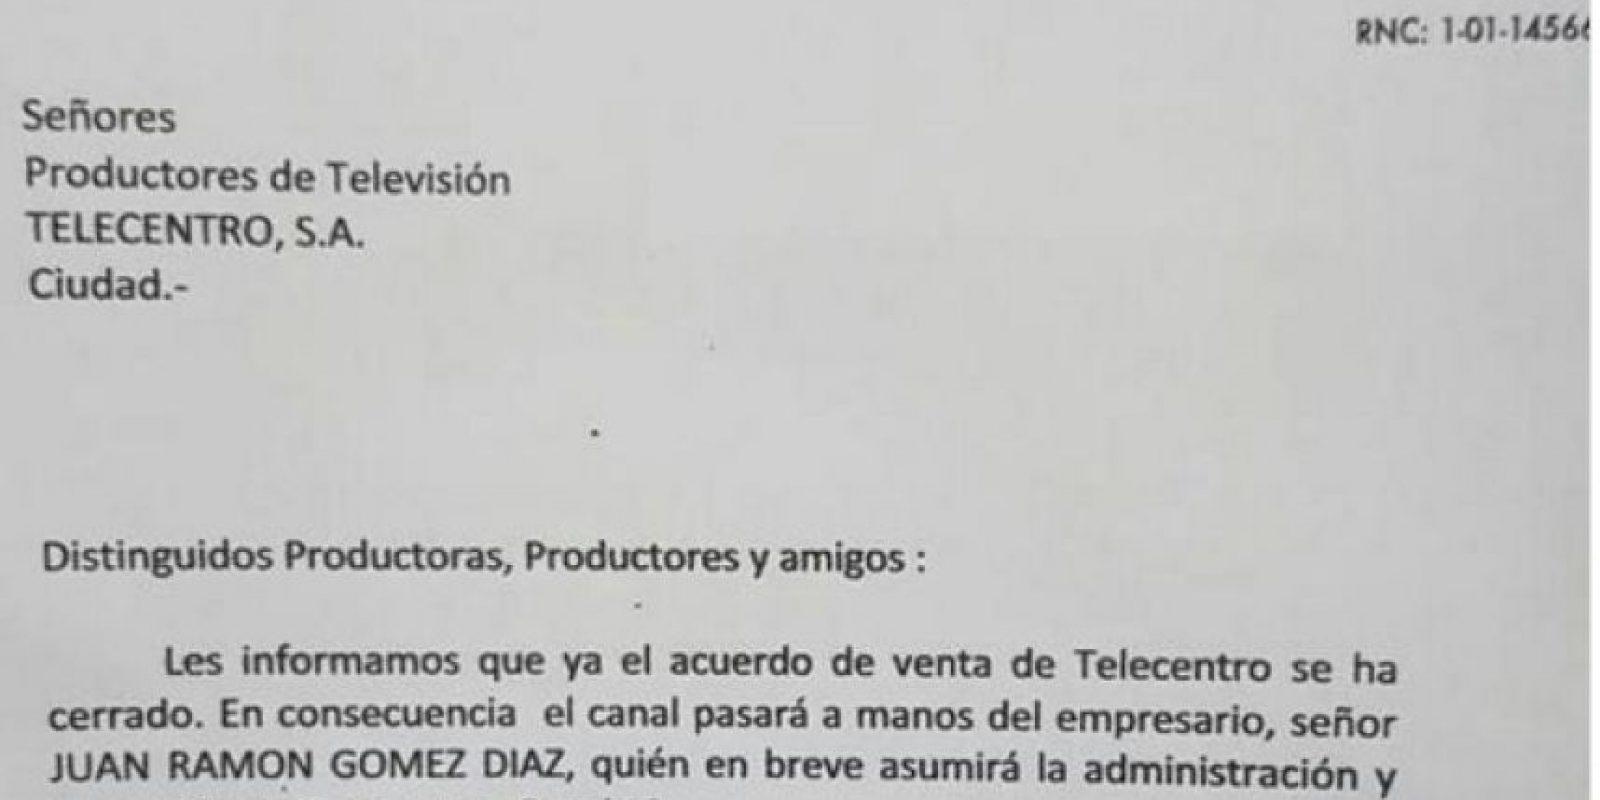 Carta enviada a los empleados de Telecentro Foto:Fuente Externa